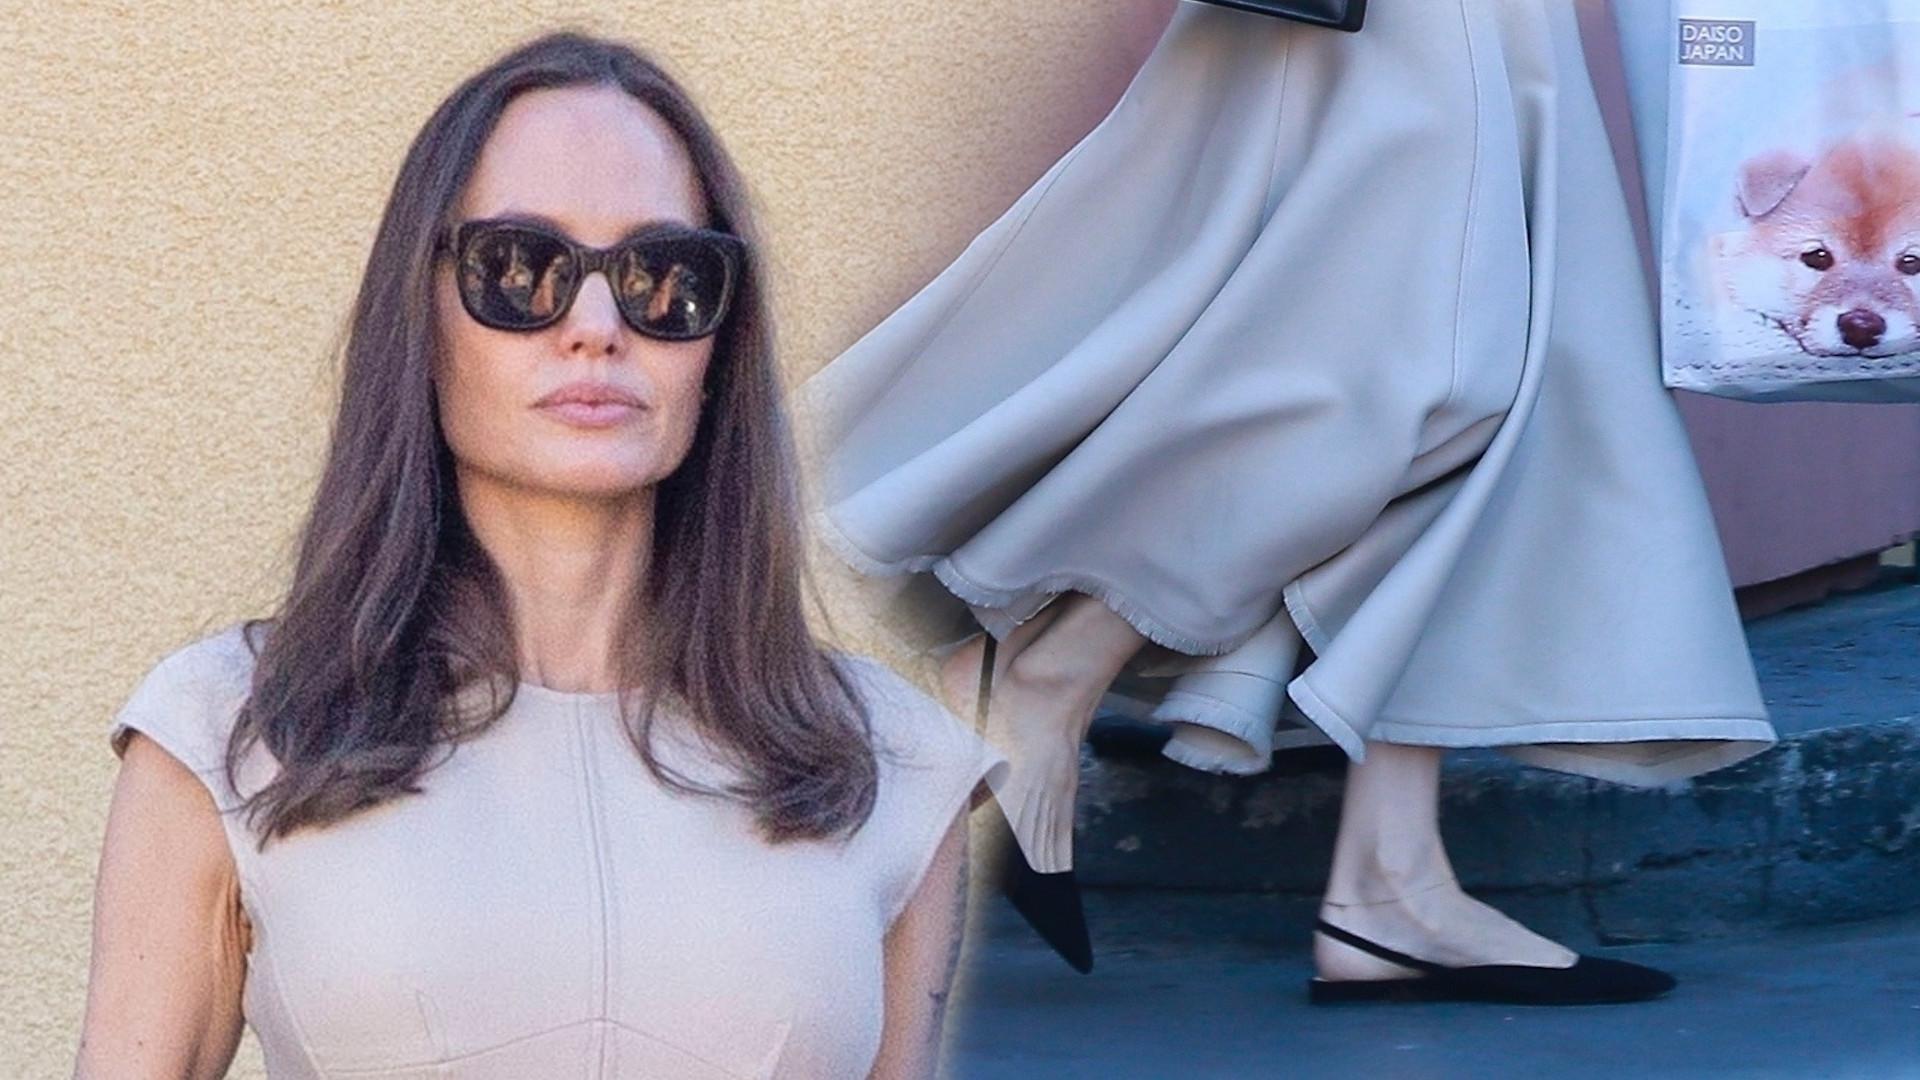 Angelina Jolie w pięknej sukience na zakupach. Zabrała swoją mini wersję – córkę Vivienne